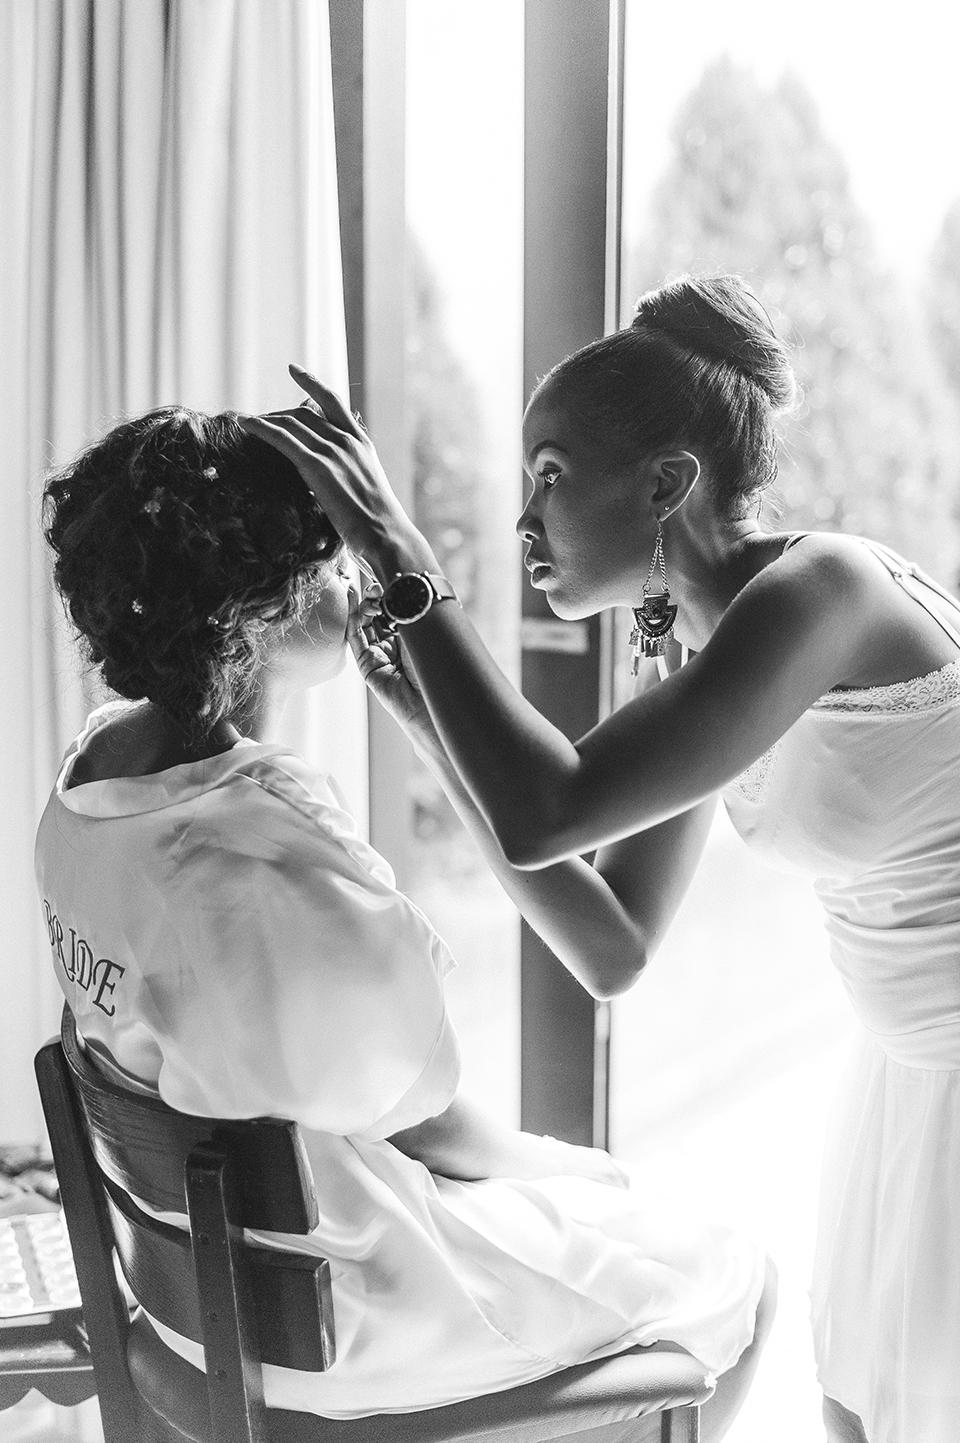 RyanParker_WeddingPhotographer_FineArt_CapeTown_Johannesburg_Hermanus_Avianto_T&L_DSC_8768.jpg